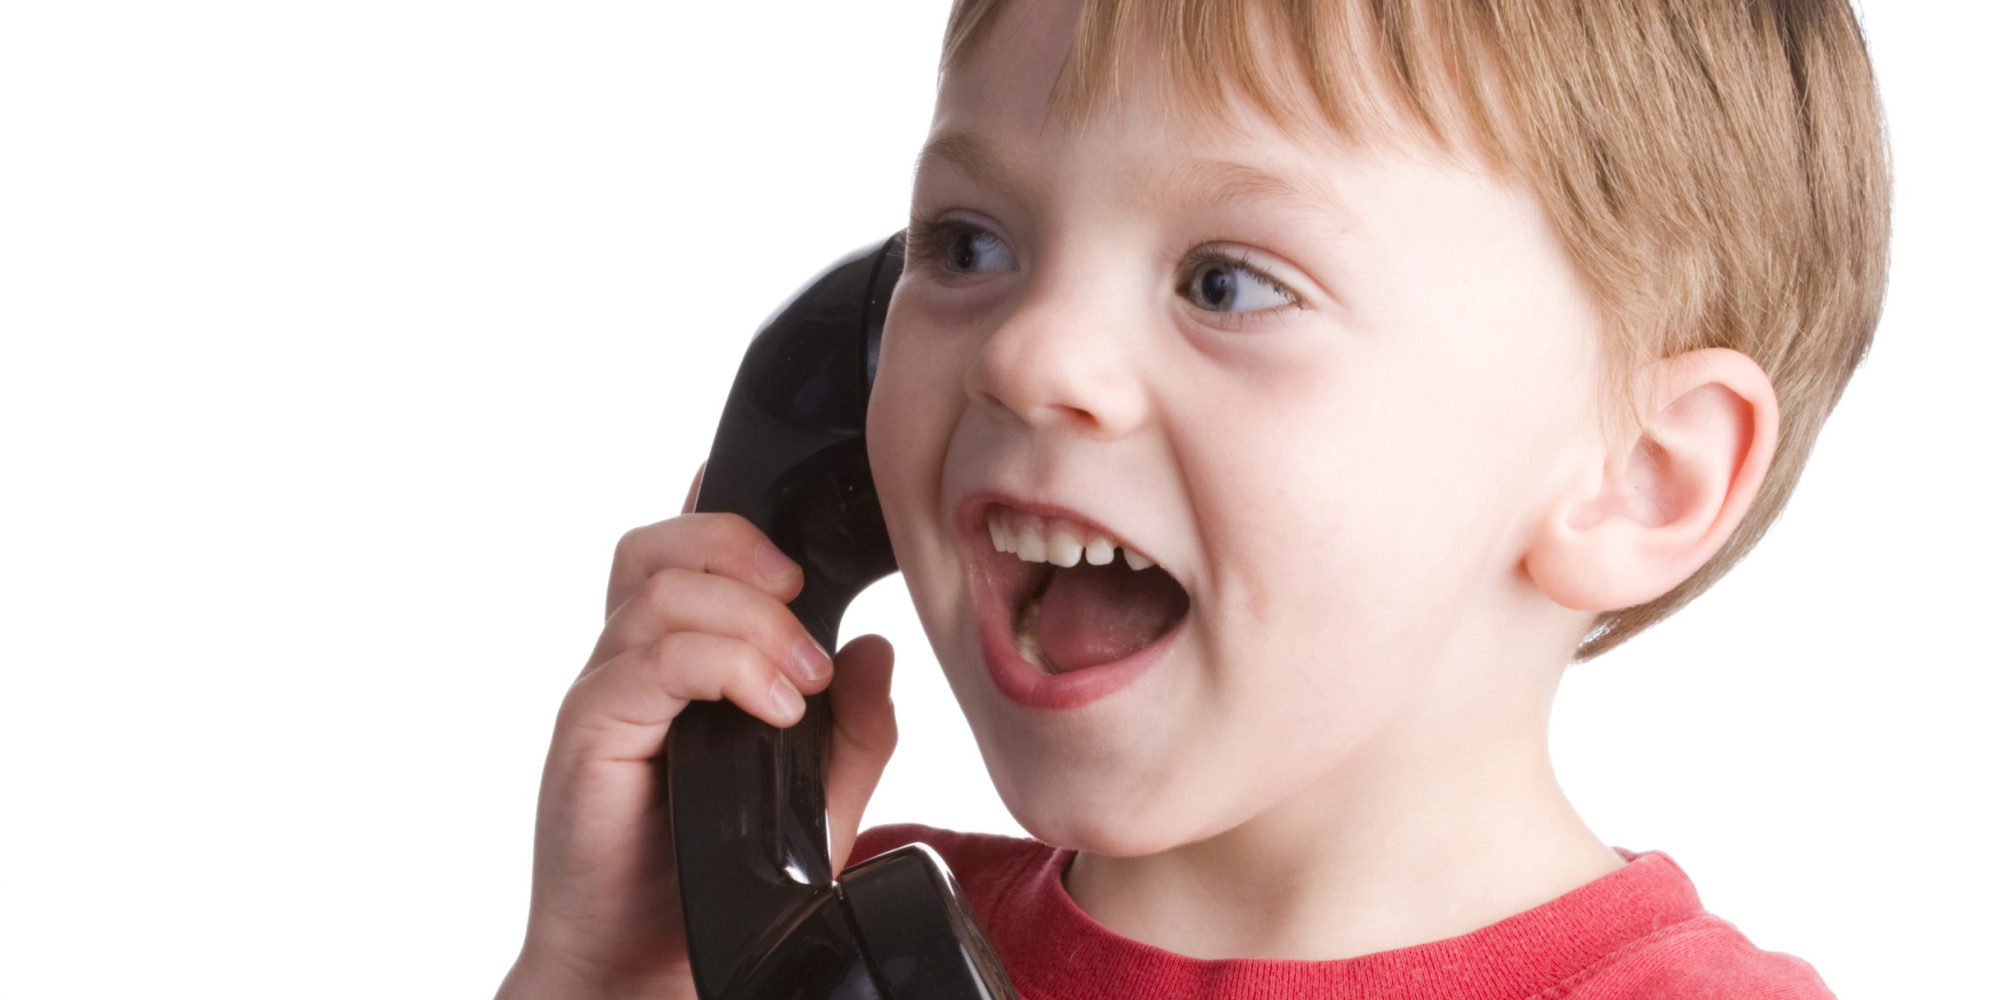 Bebe Hablando Por Telefono: Niño De 4 Años Llama Al 911 Para Que Lo Ayuden Con La